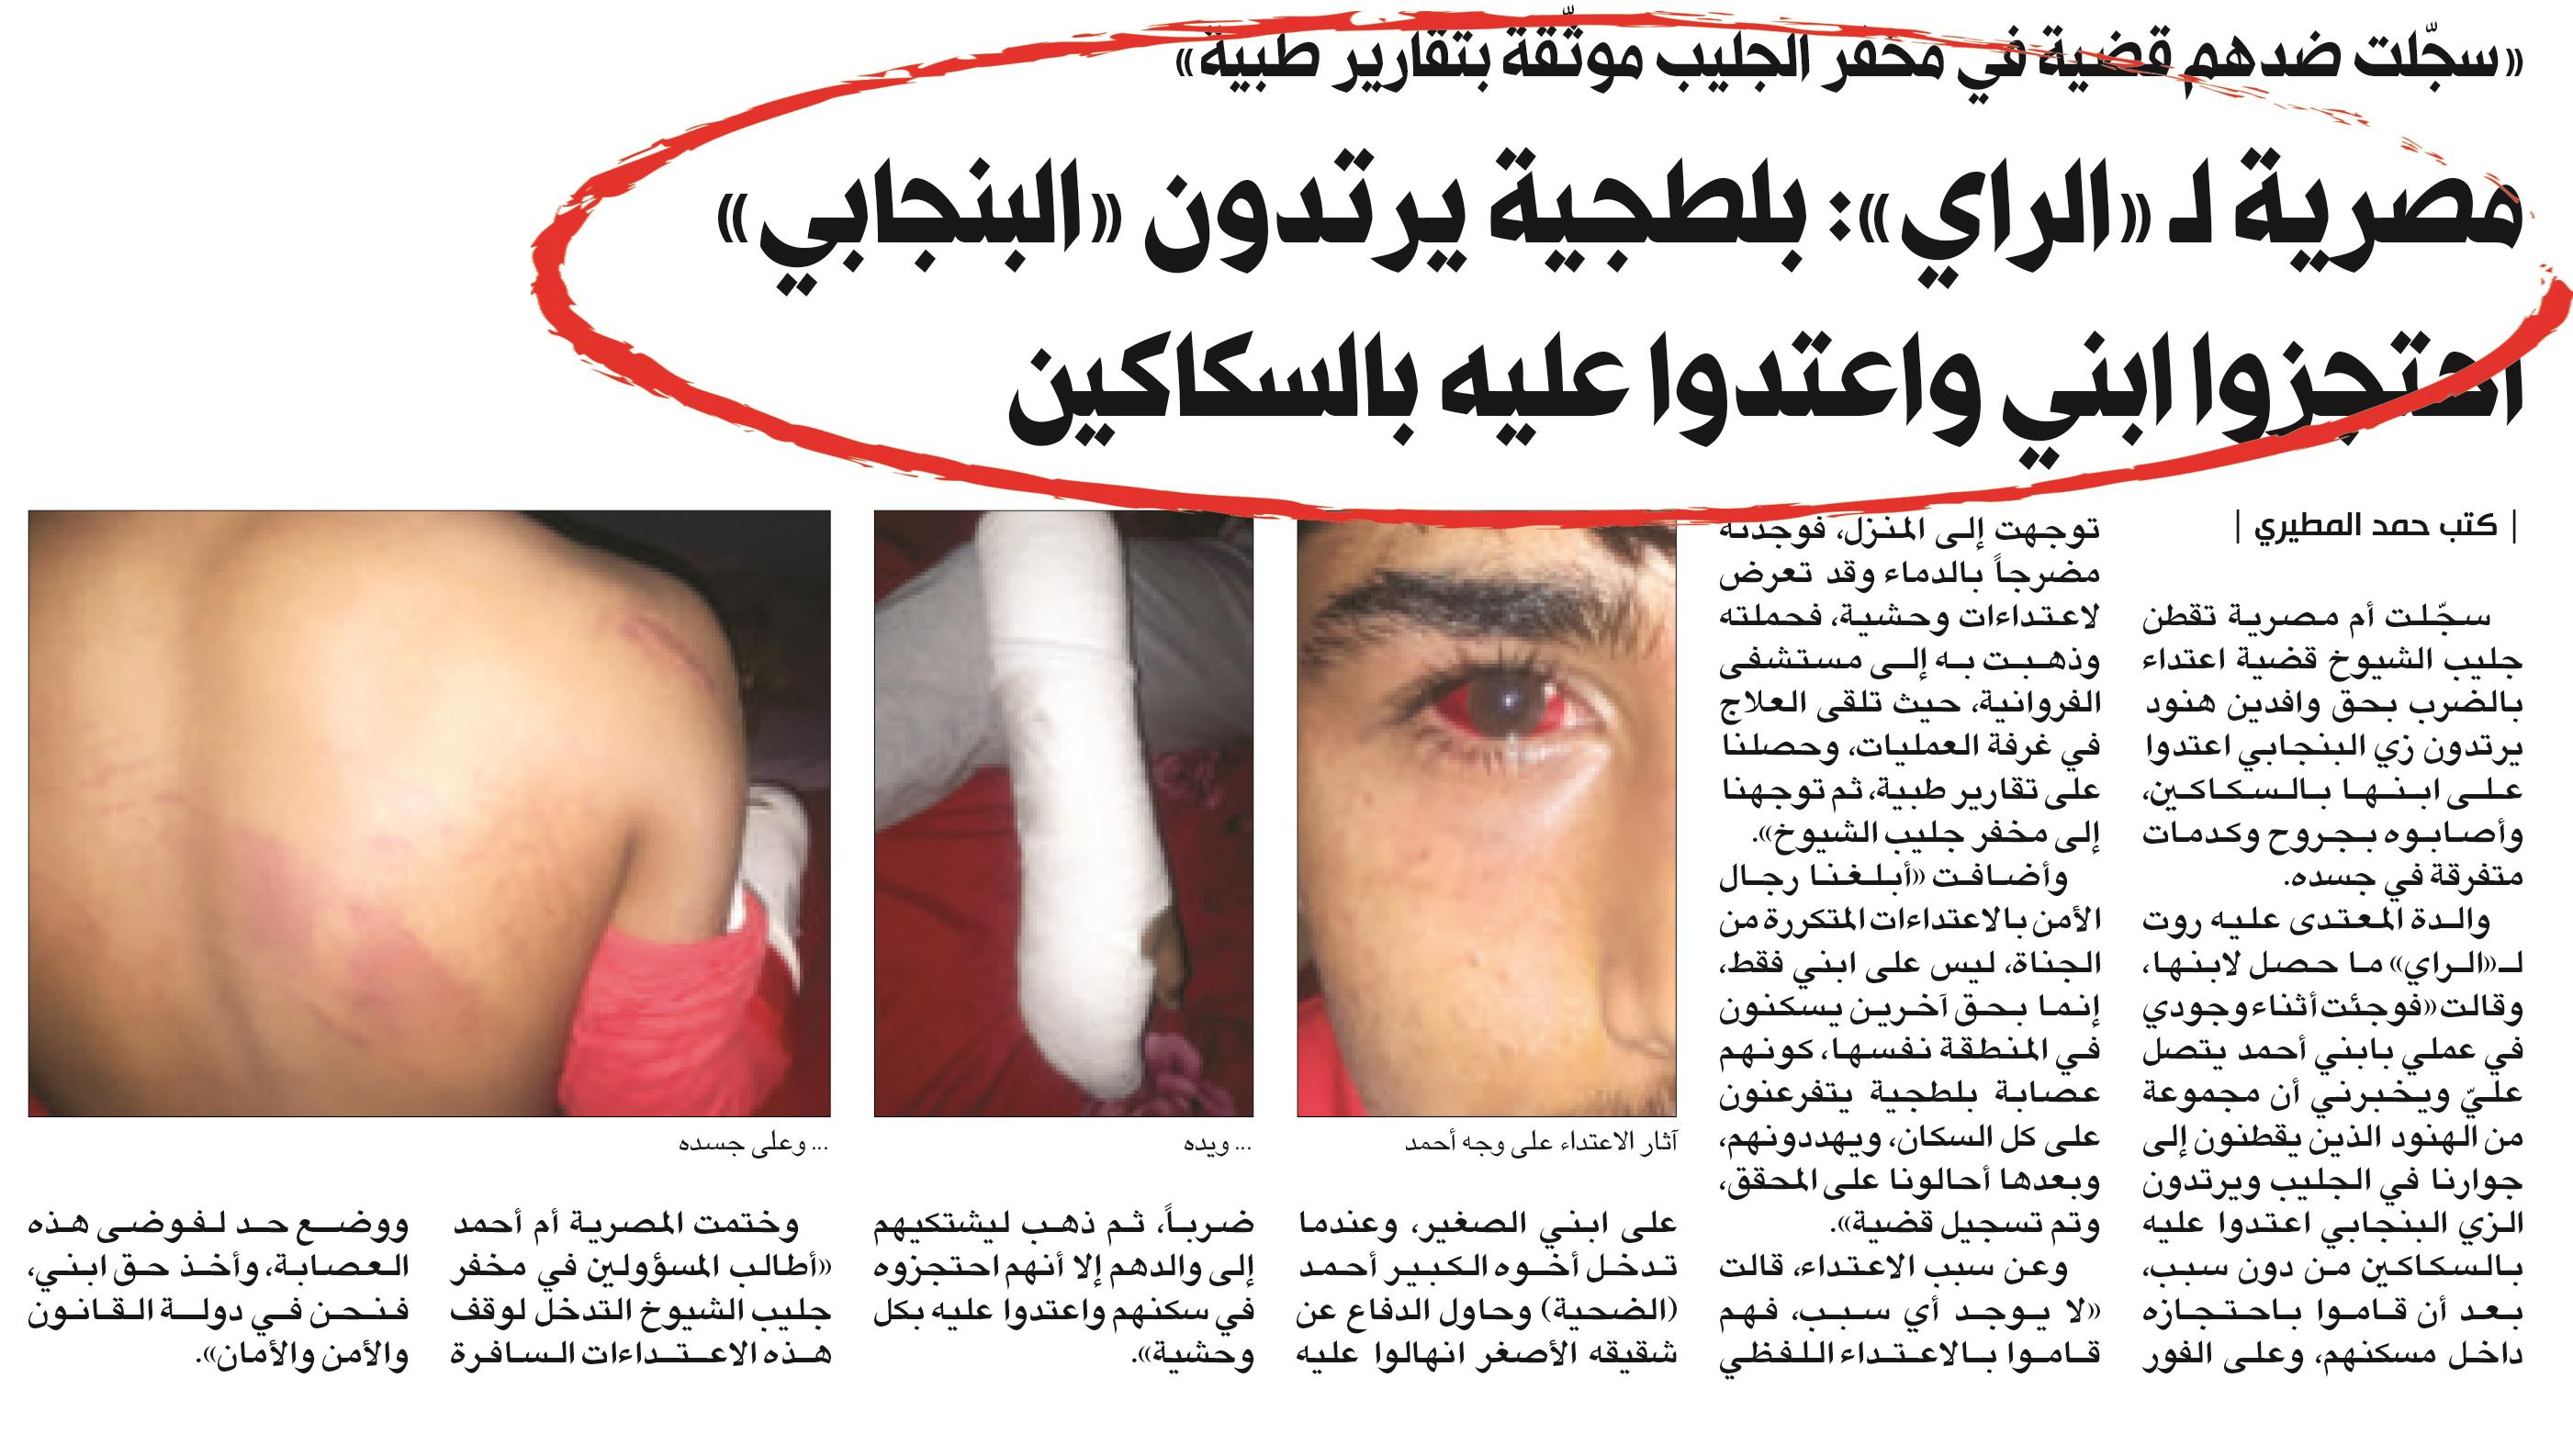 «الداخلية» تتفاعل مع ما نشرته «الراي» عن شكوى المصرية المُعتدى على ابنها